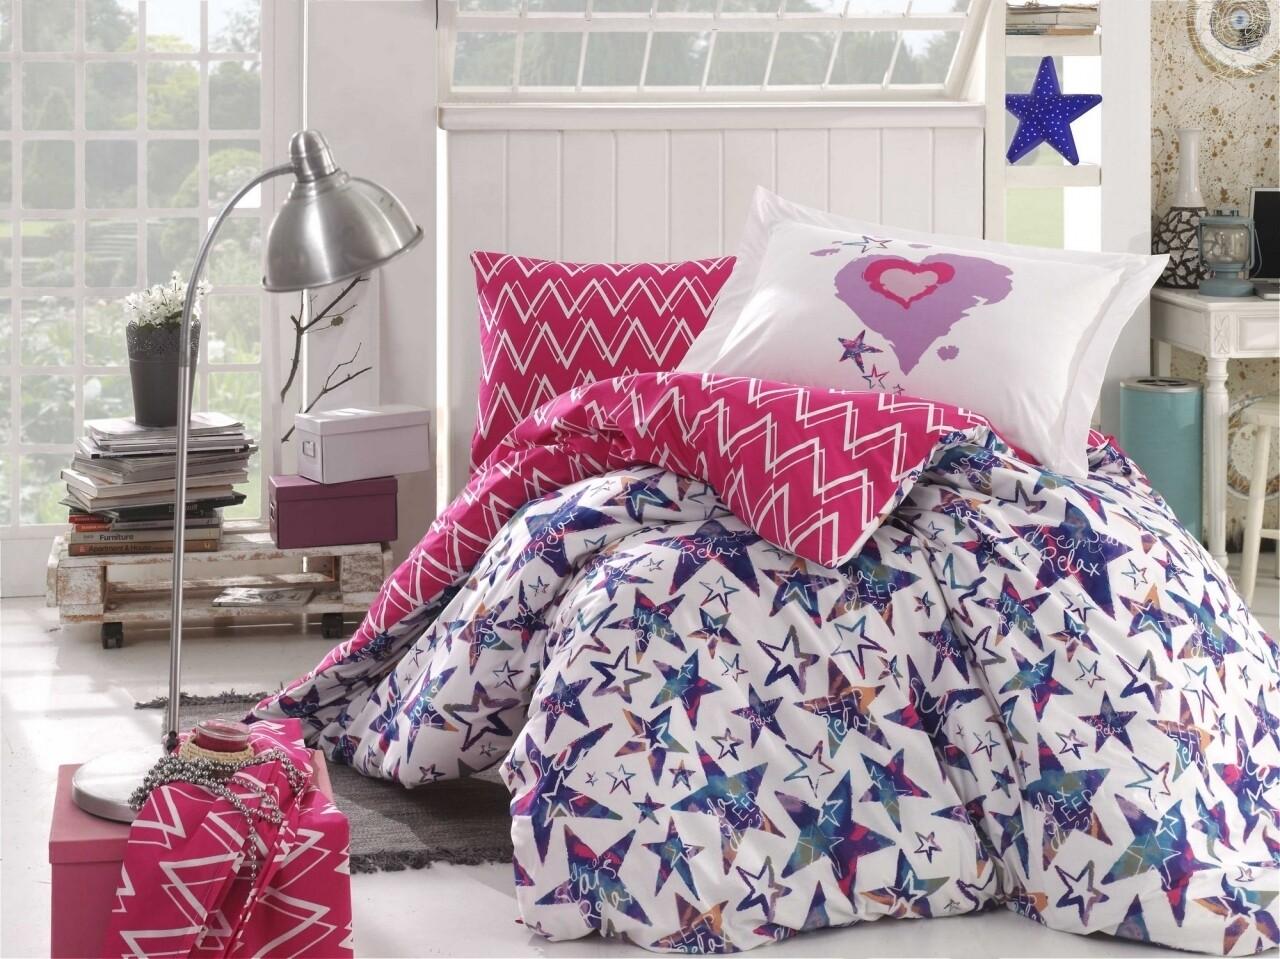 Lenjerie de pat pentru o persoana, 3 piese, 100% bumbac poplin, Hobby, Carmen Fuchsia, multicolora